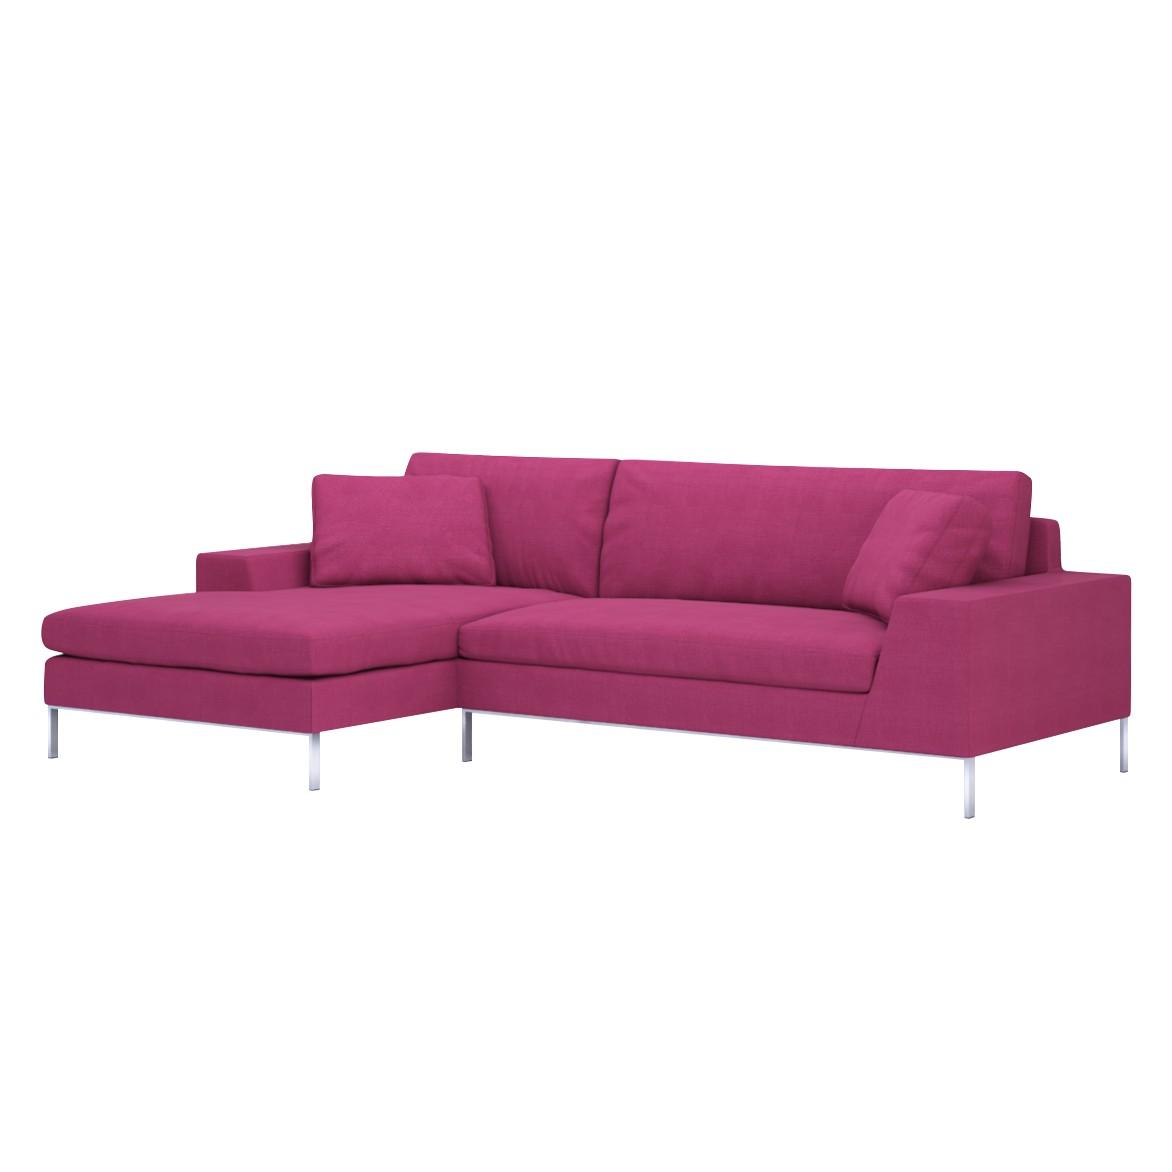 Sofa Helgesen (2-Sitzer) mit Recamière – Longchair/Ottomane davorstehend links – Livø III Pink (Pink), Von Wilmowsky bestellen